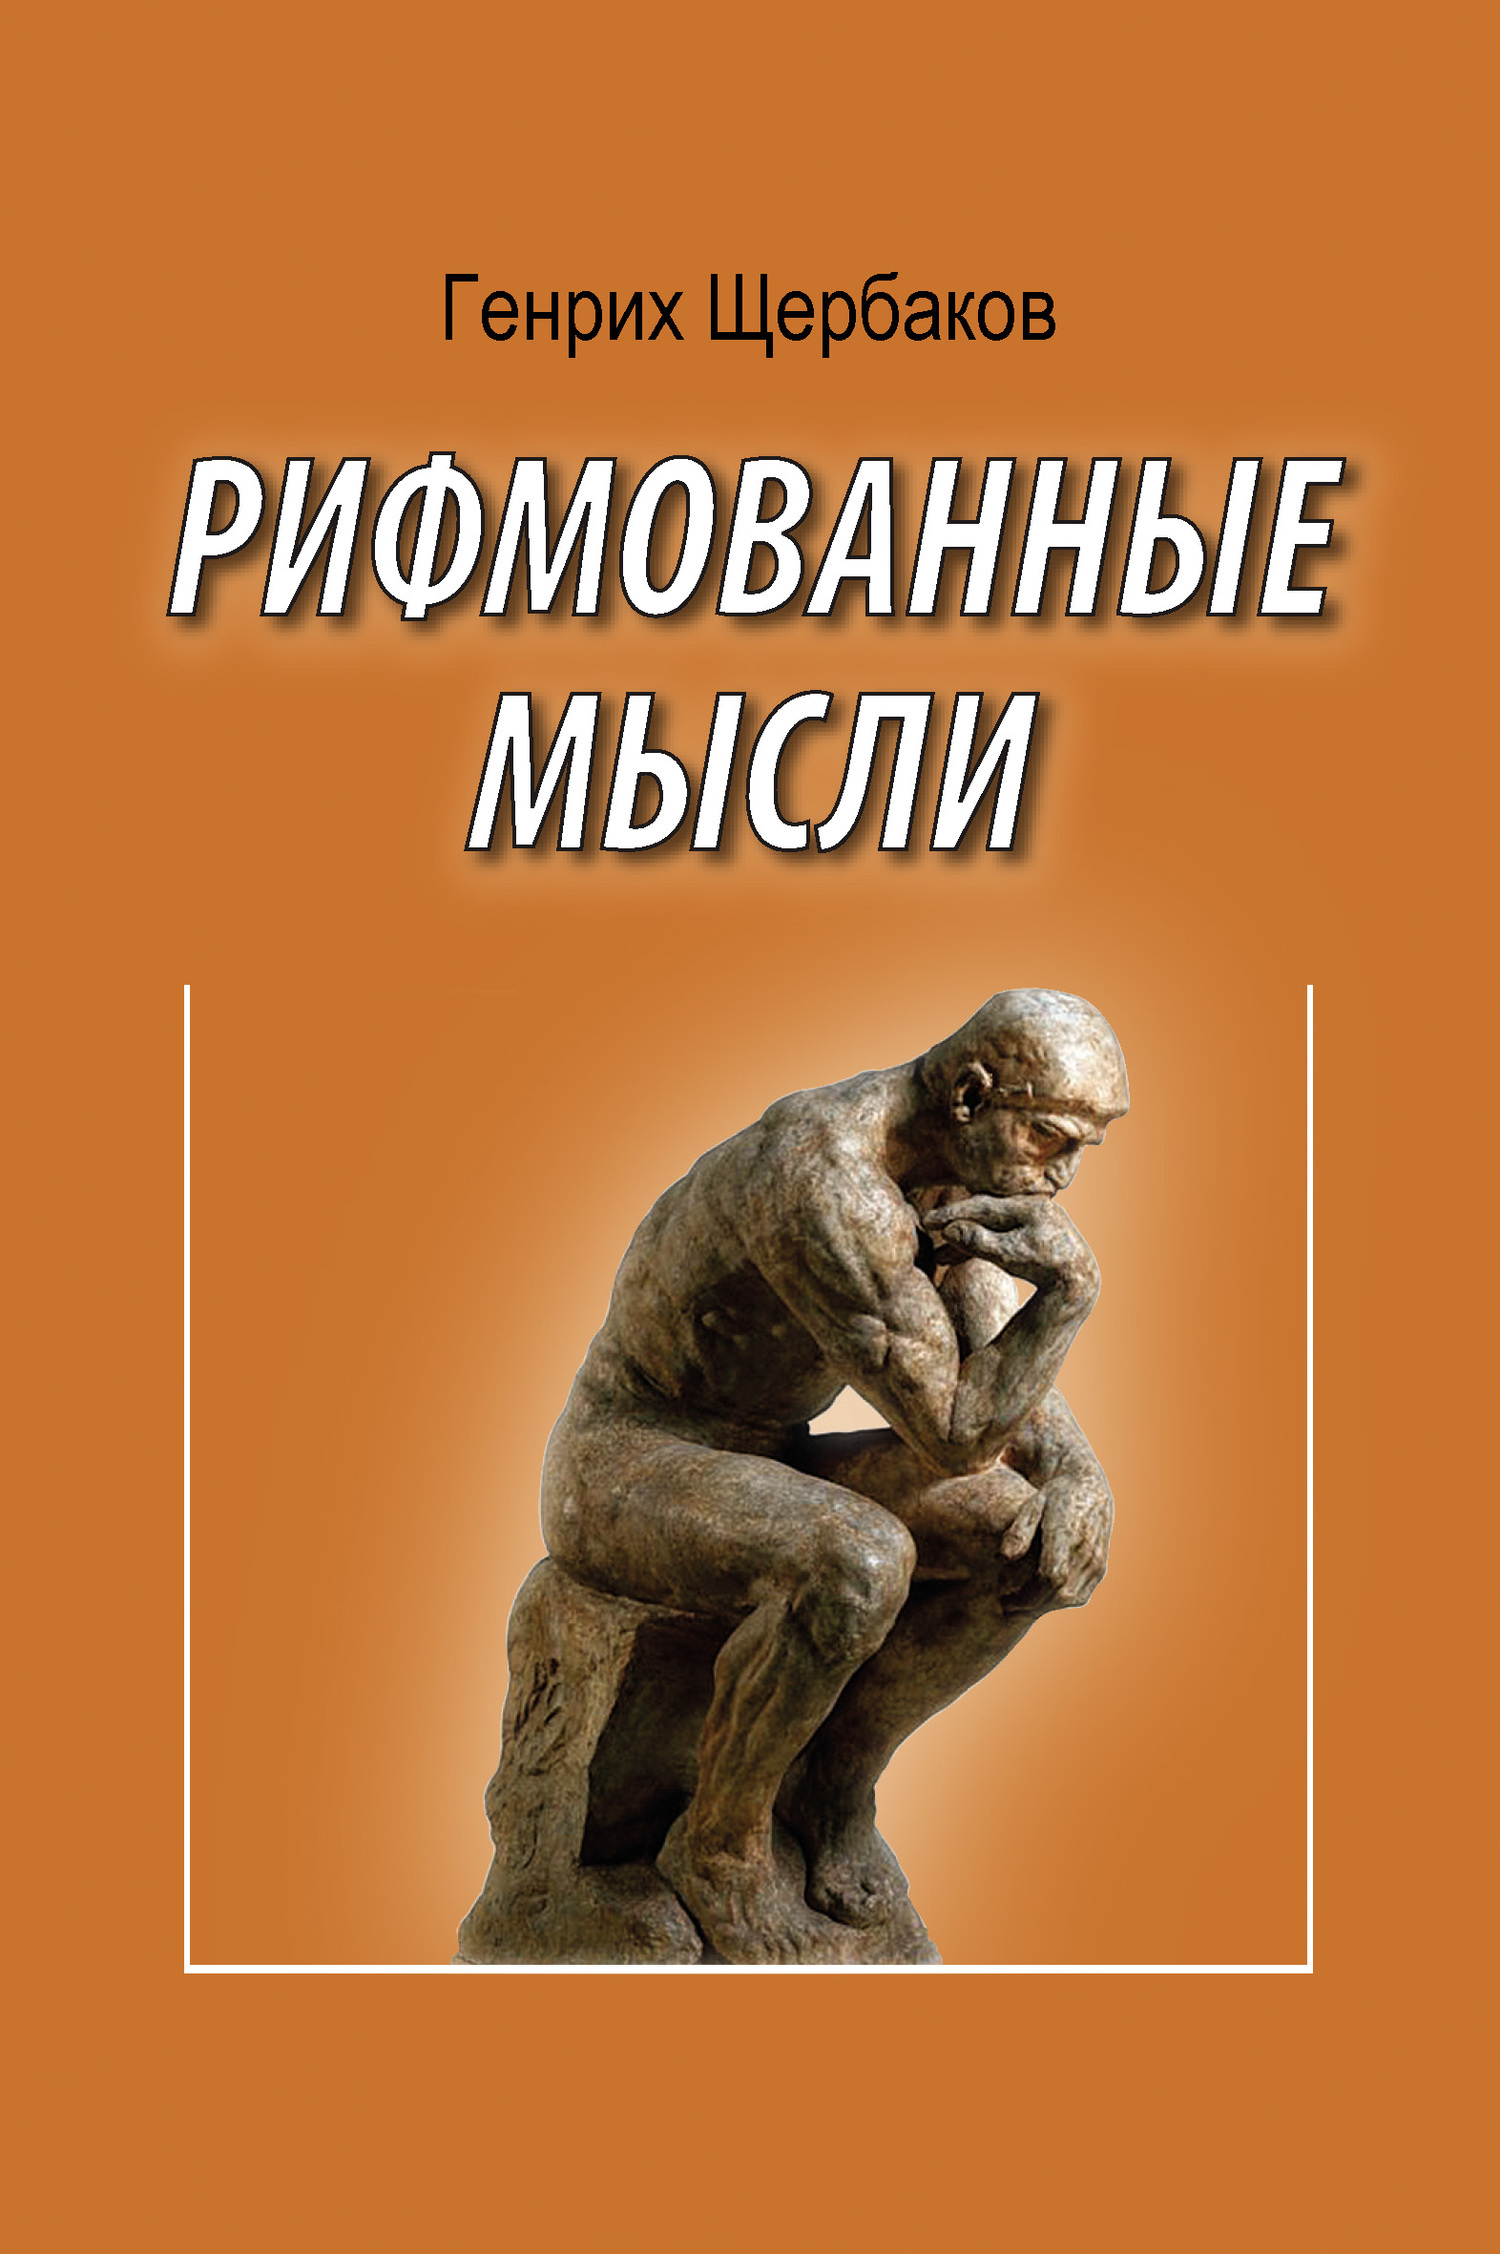 Генрих Щербаков. Рифмованные мысли